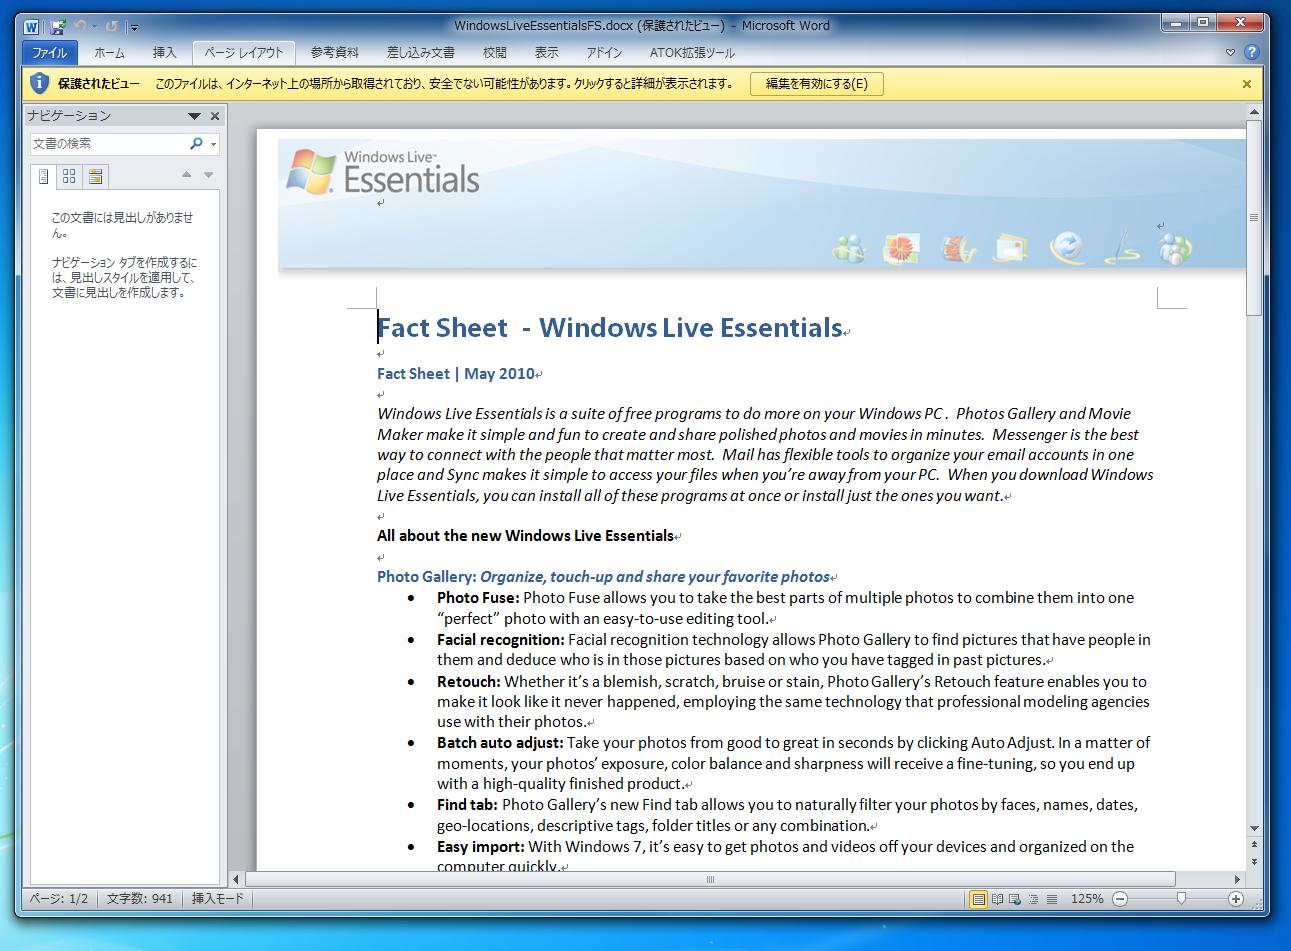 Word2010では、ネットからダウンロードした文書は、アラートが表示される